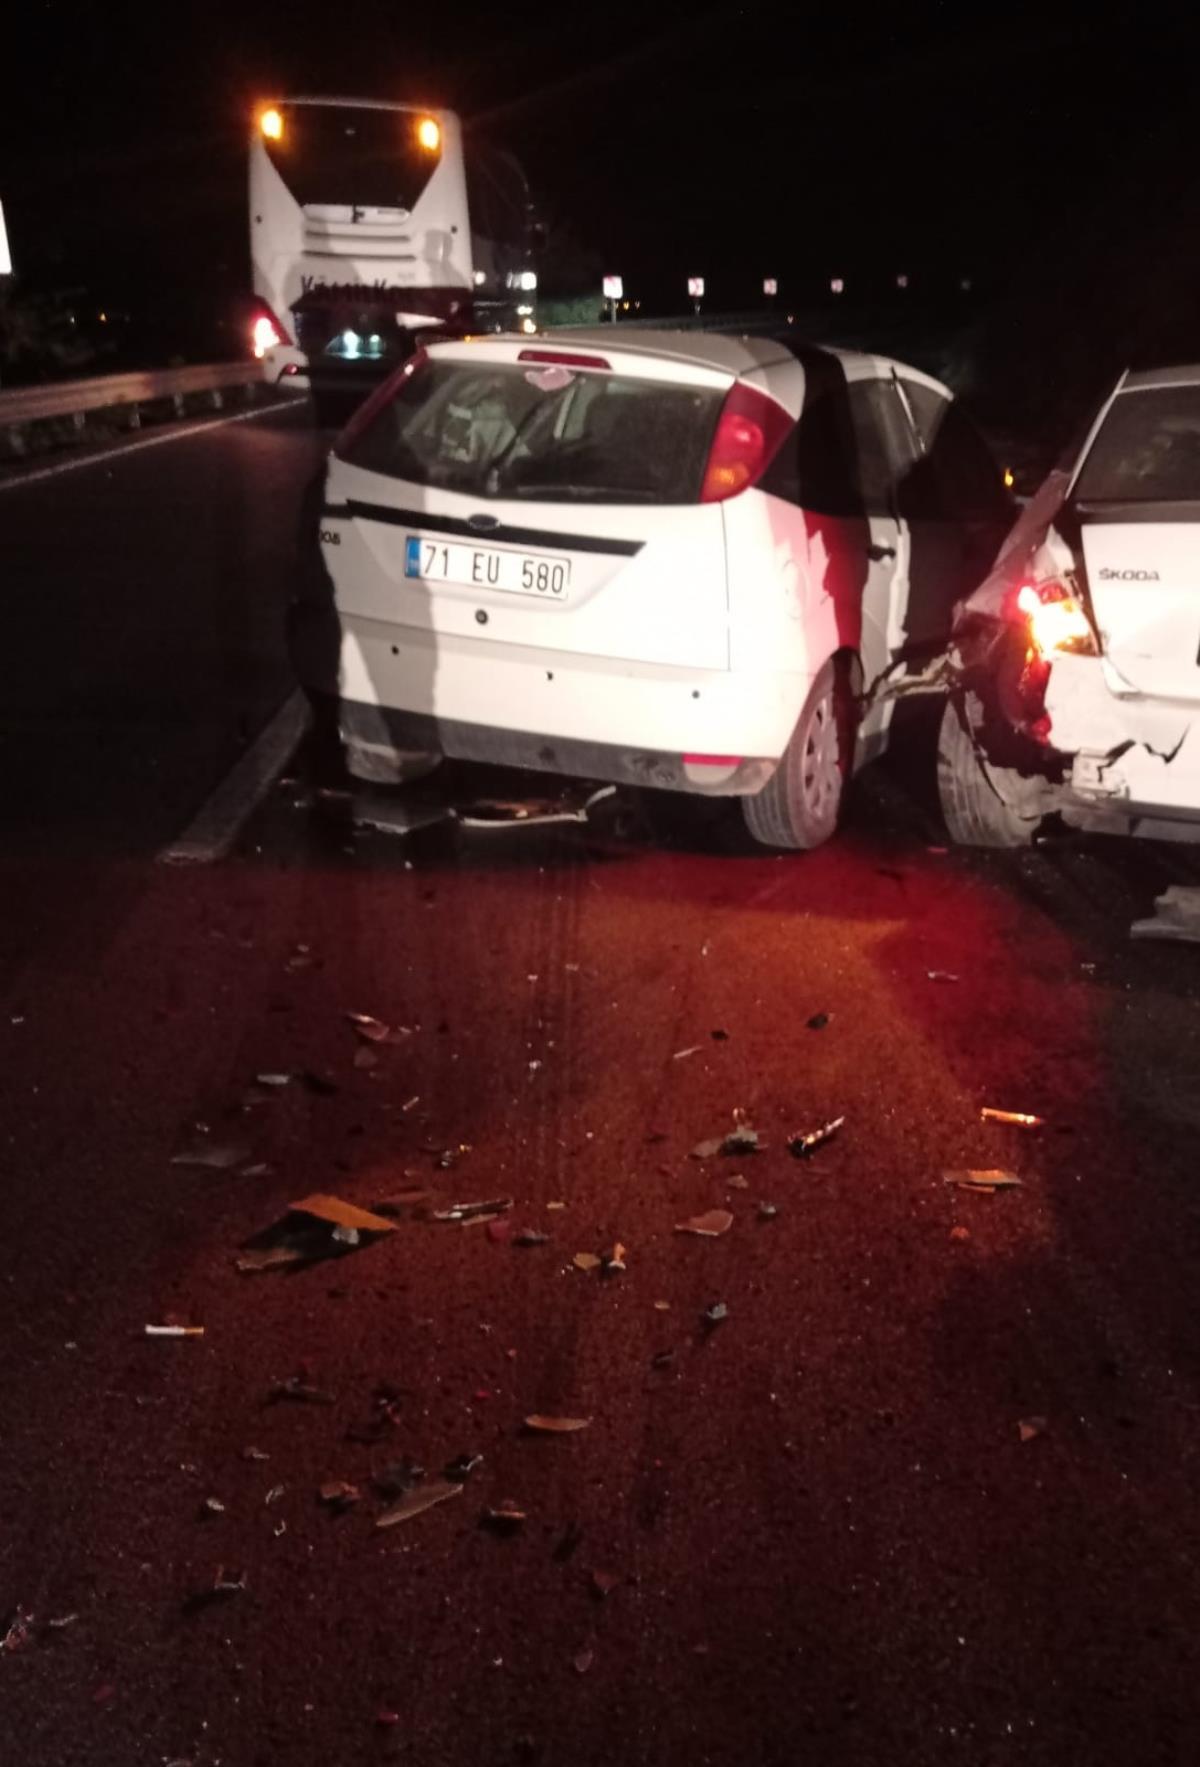 Kırıkkale'de kazaya karışan araca başka otomobilin çarpması sonucu 5 kişi yaralandı